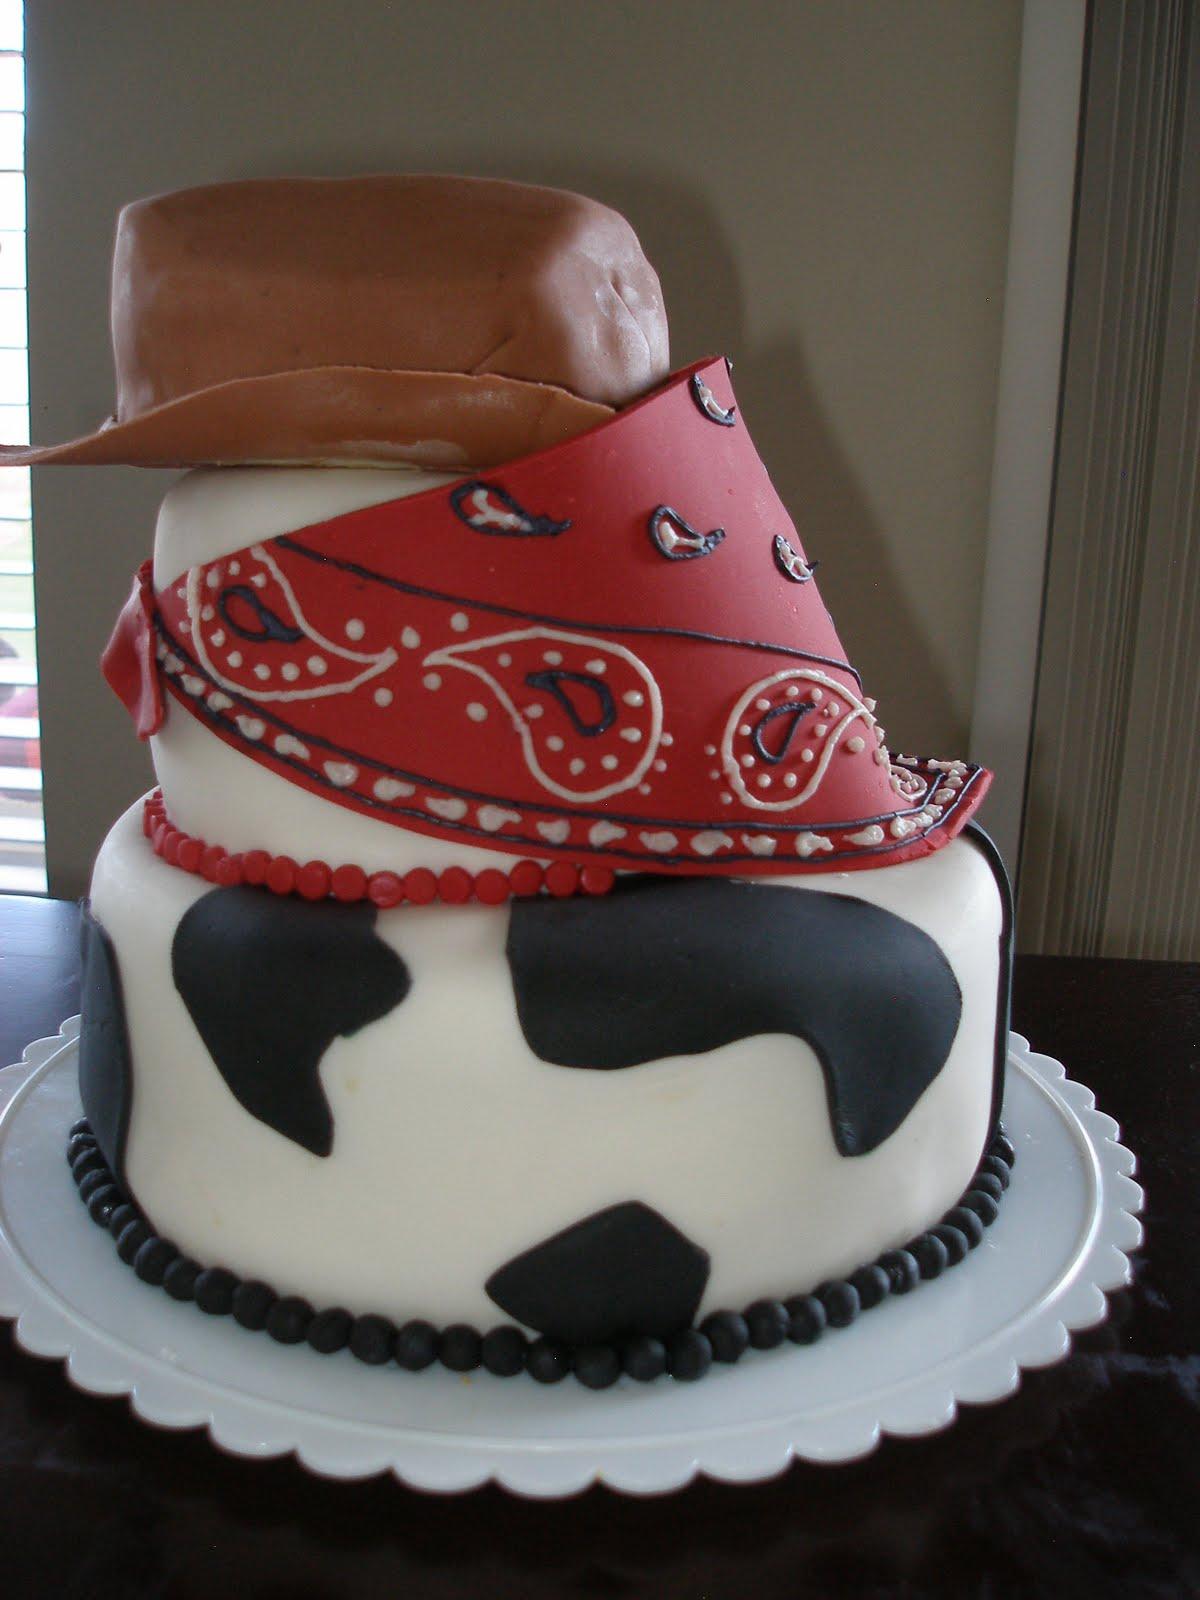 10 Photos of Cow Boy Cakes